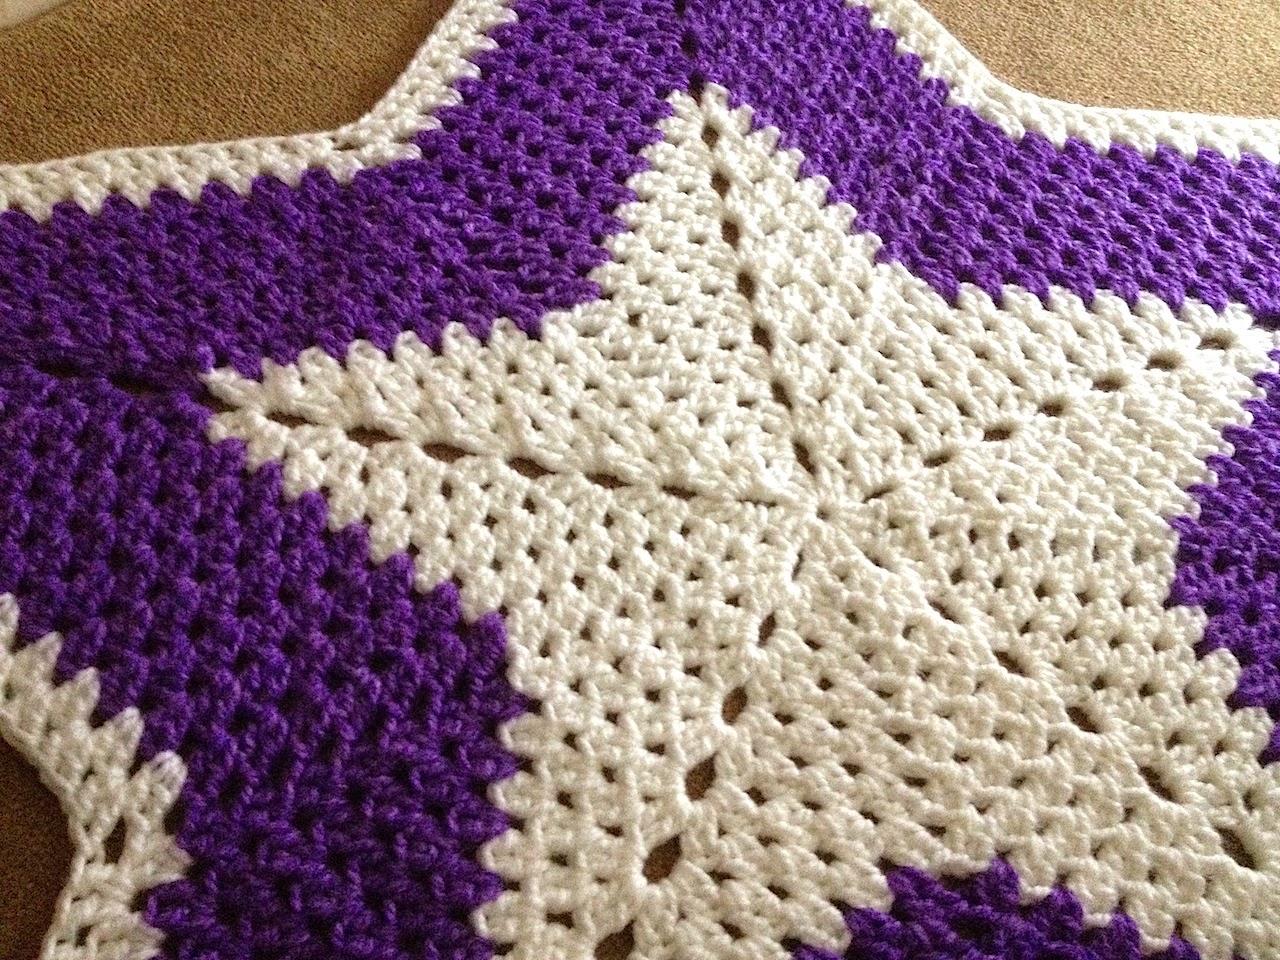 Illuminate Crochet: Star Rug